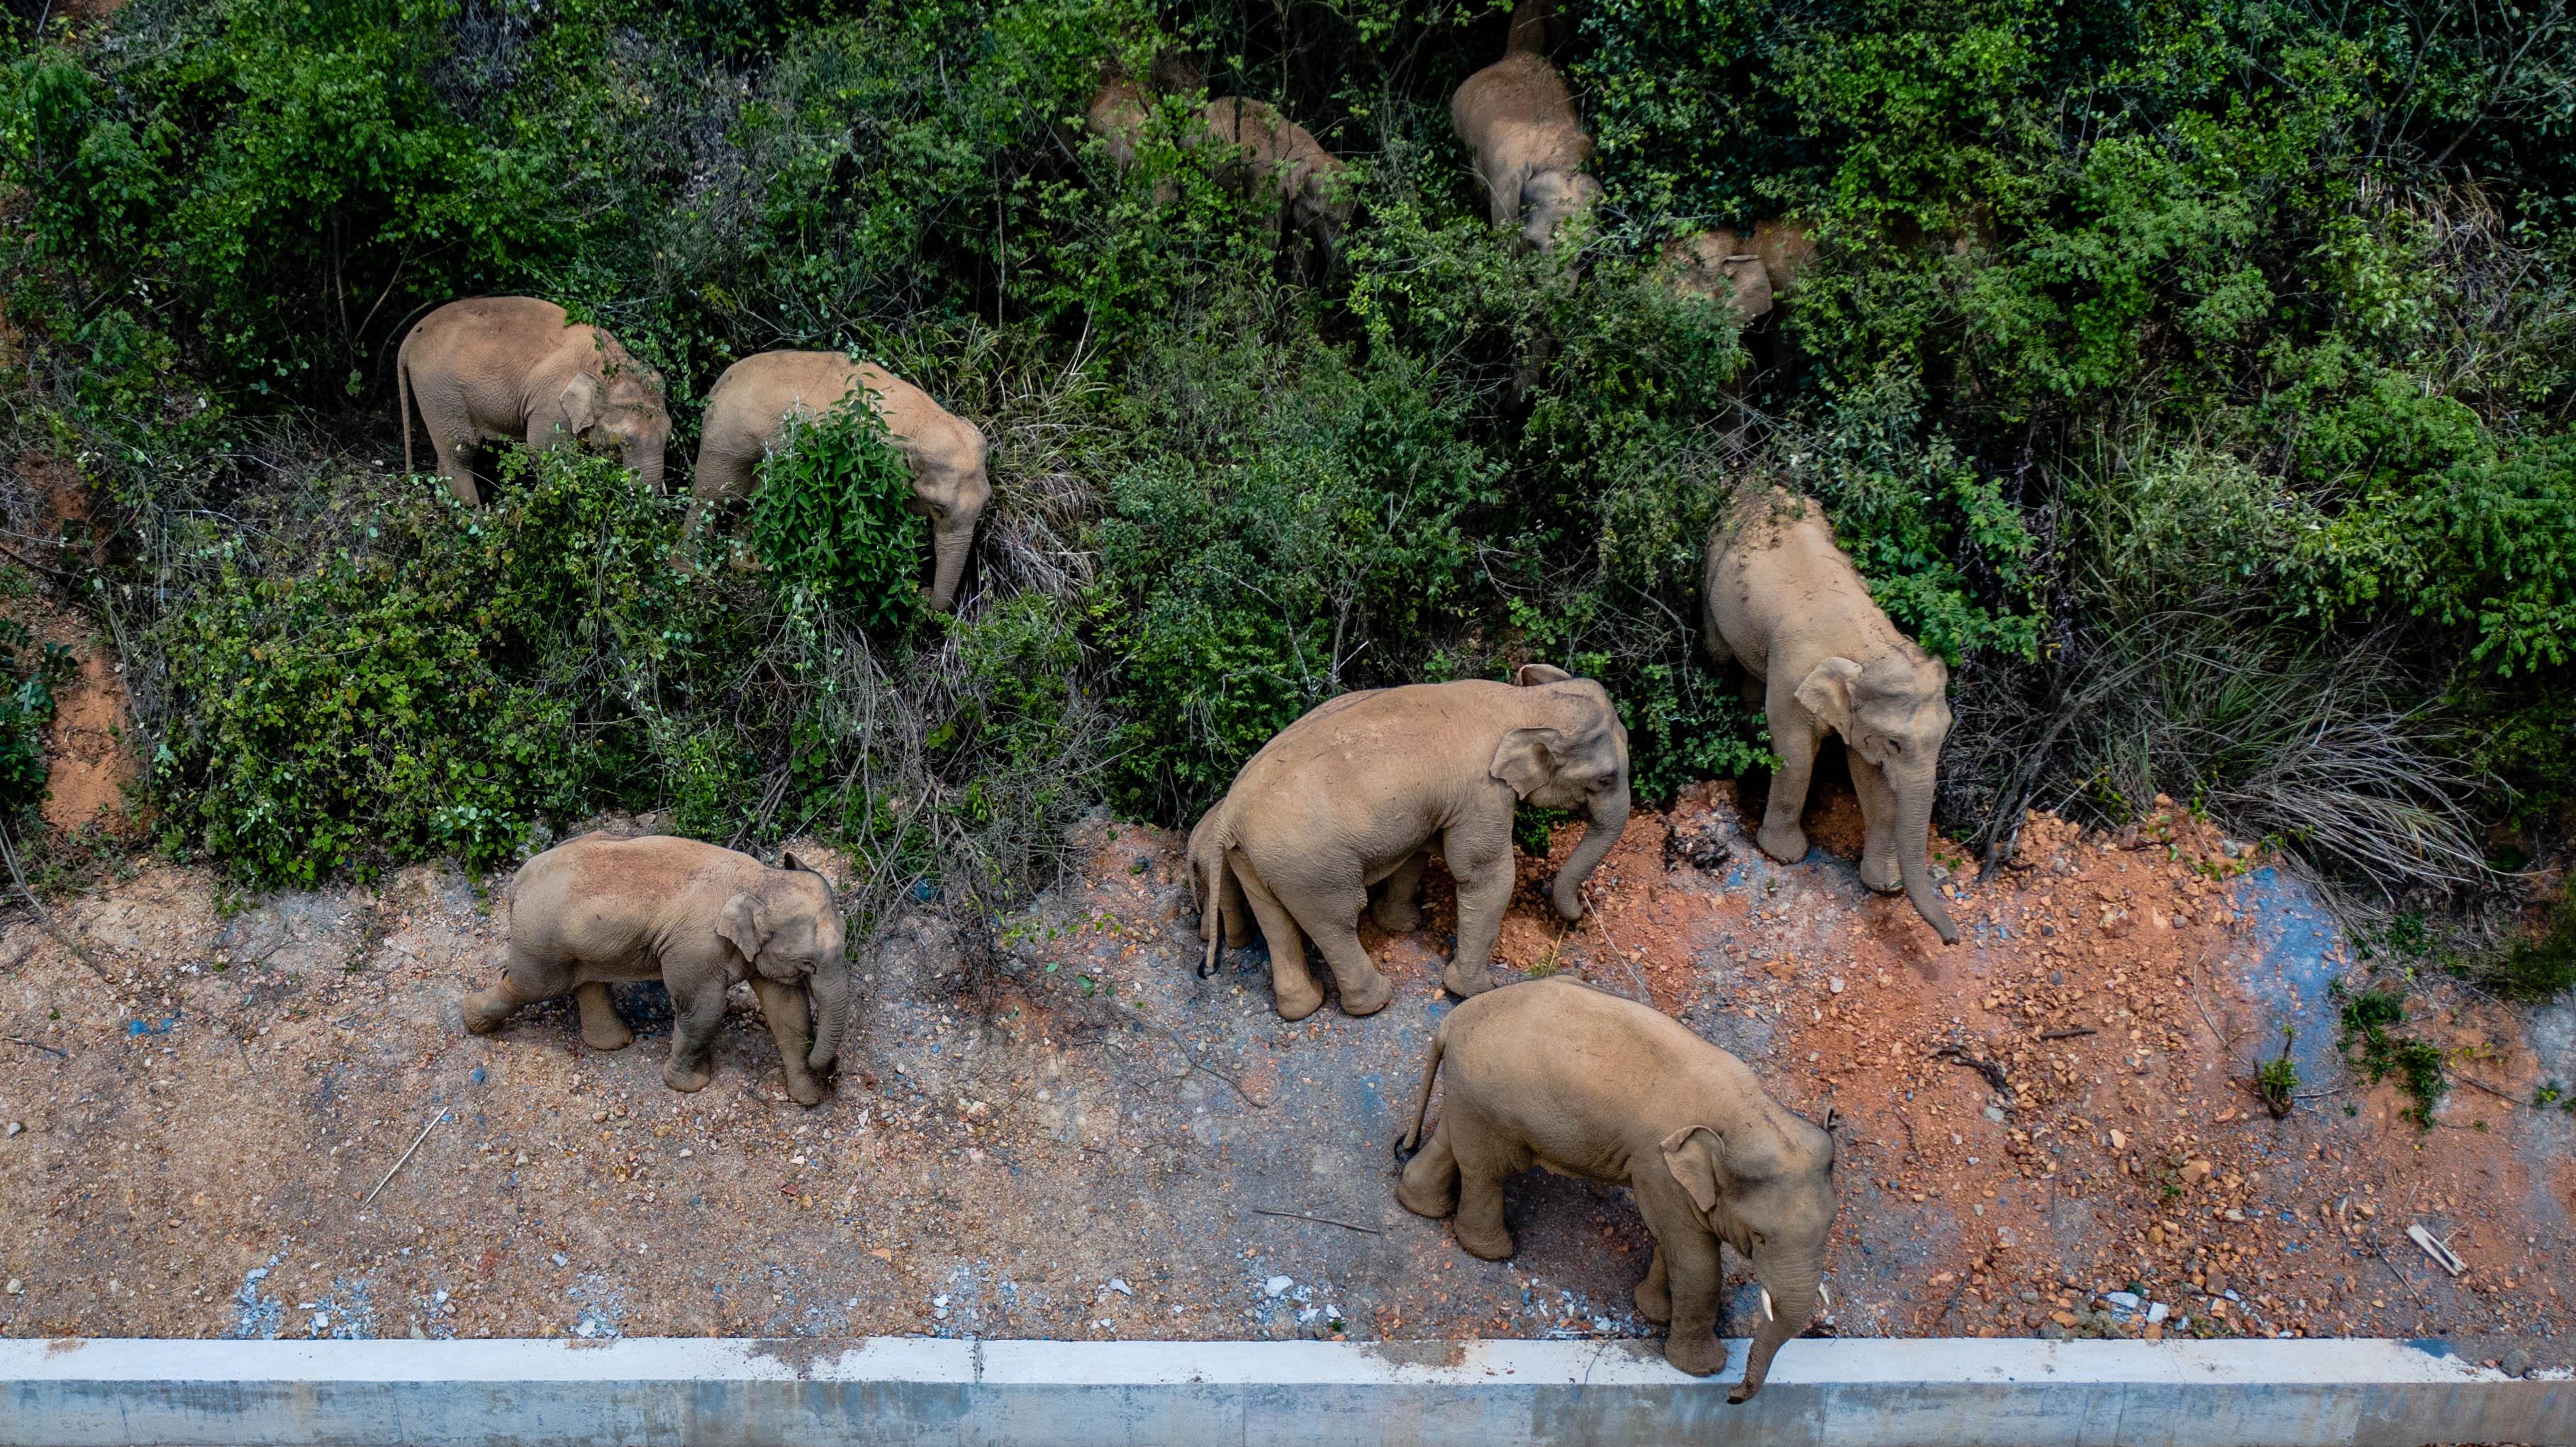 Egy megszökött elefántcsorda 500 kilométeren át taposott le egy csomó mindent Kínában